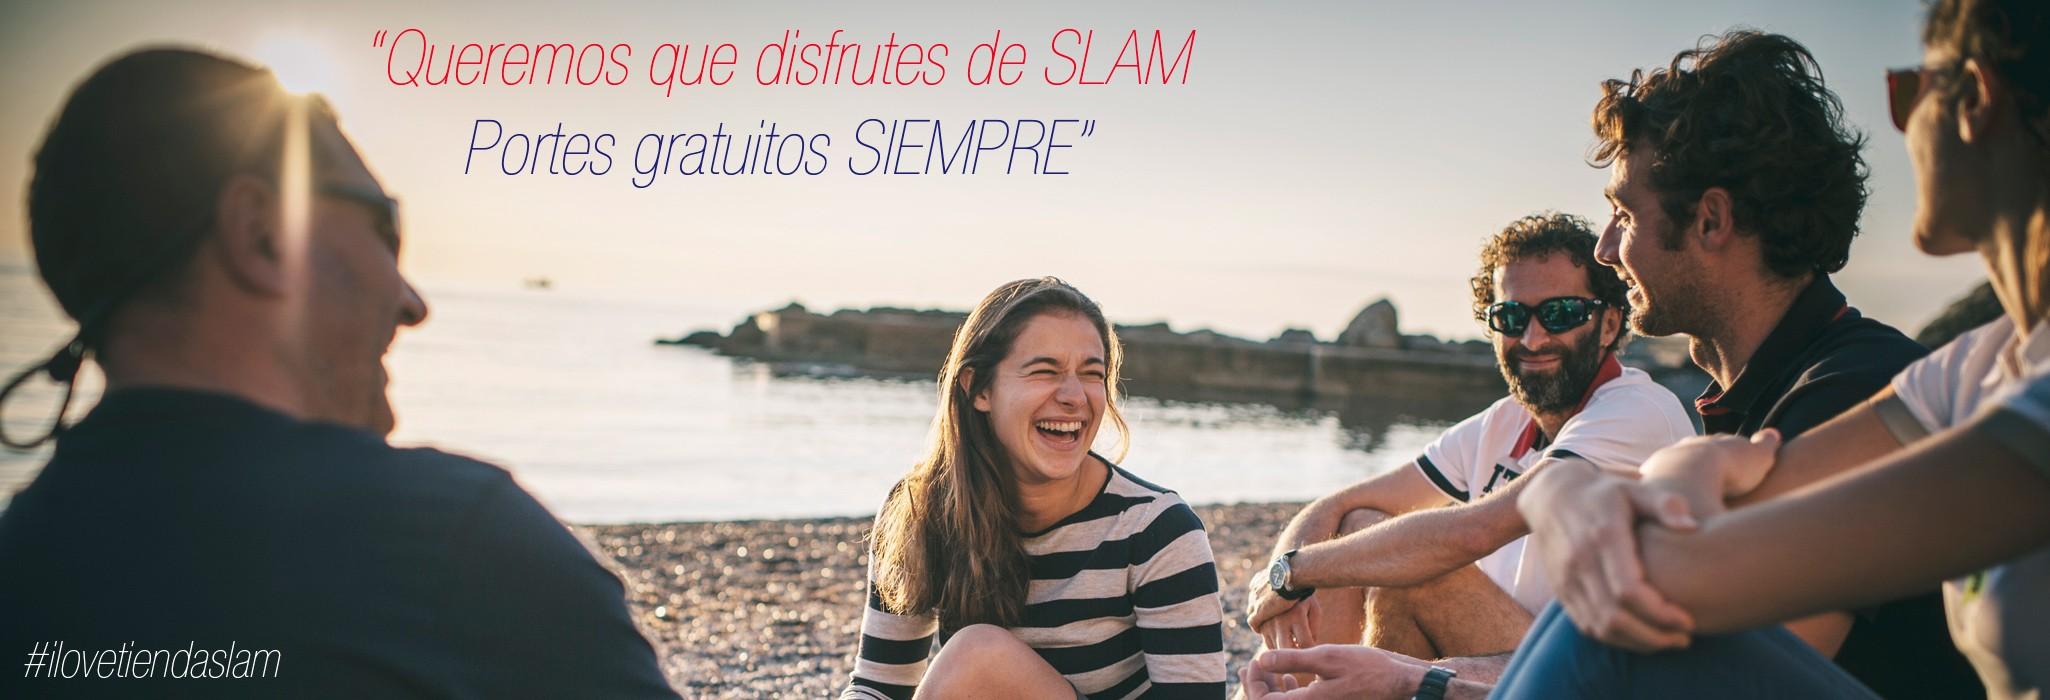 Queremos que disfrutes de SLAM. Portes gratuitos siempre.